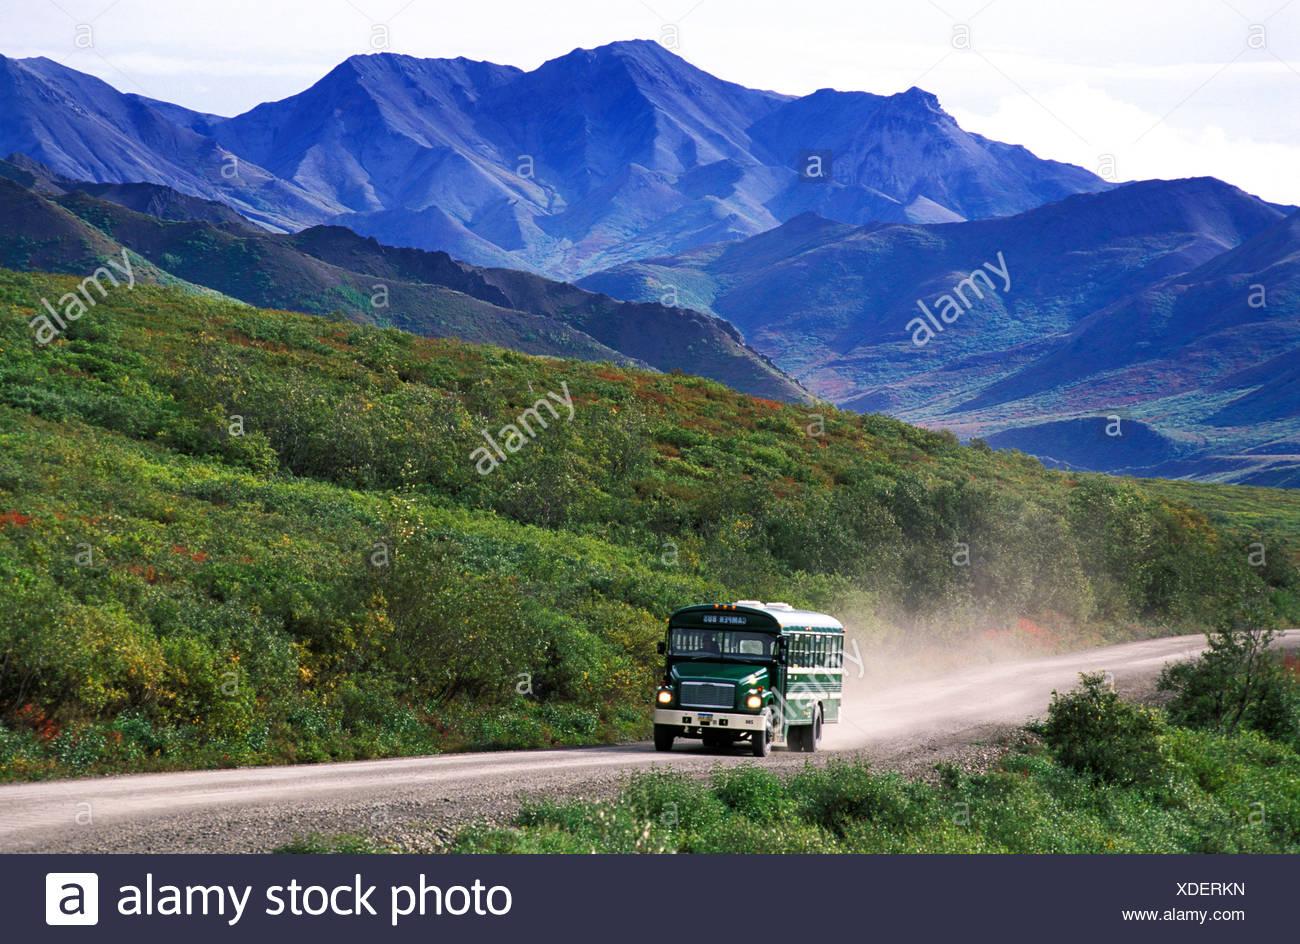 Los autobuses lanzadera, Kantishna Road, Denali, Parque Nacional, preservar, Alaska, EE.UU., bus, montañas, soleado, vacaciones, aventura, la exuberante Imagen De Stock